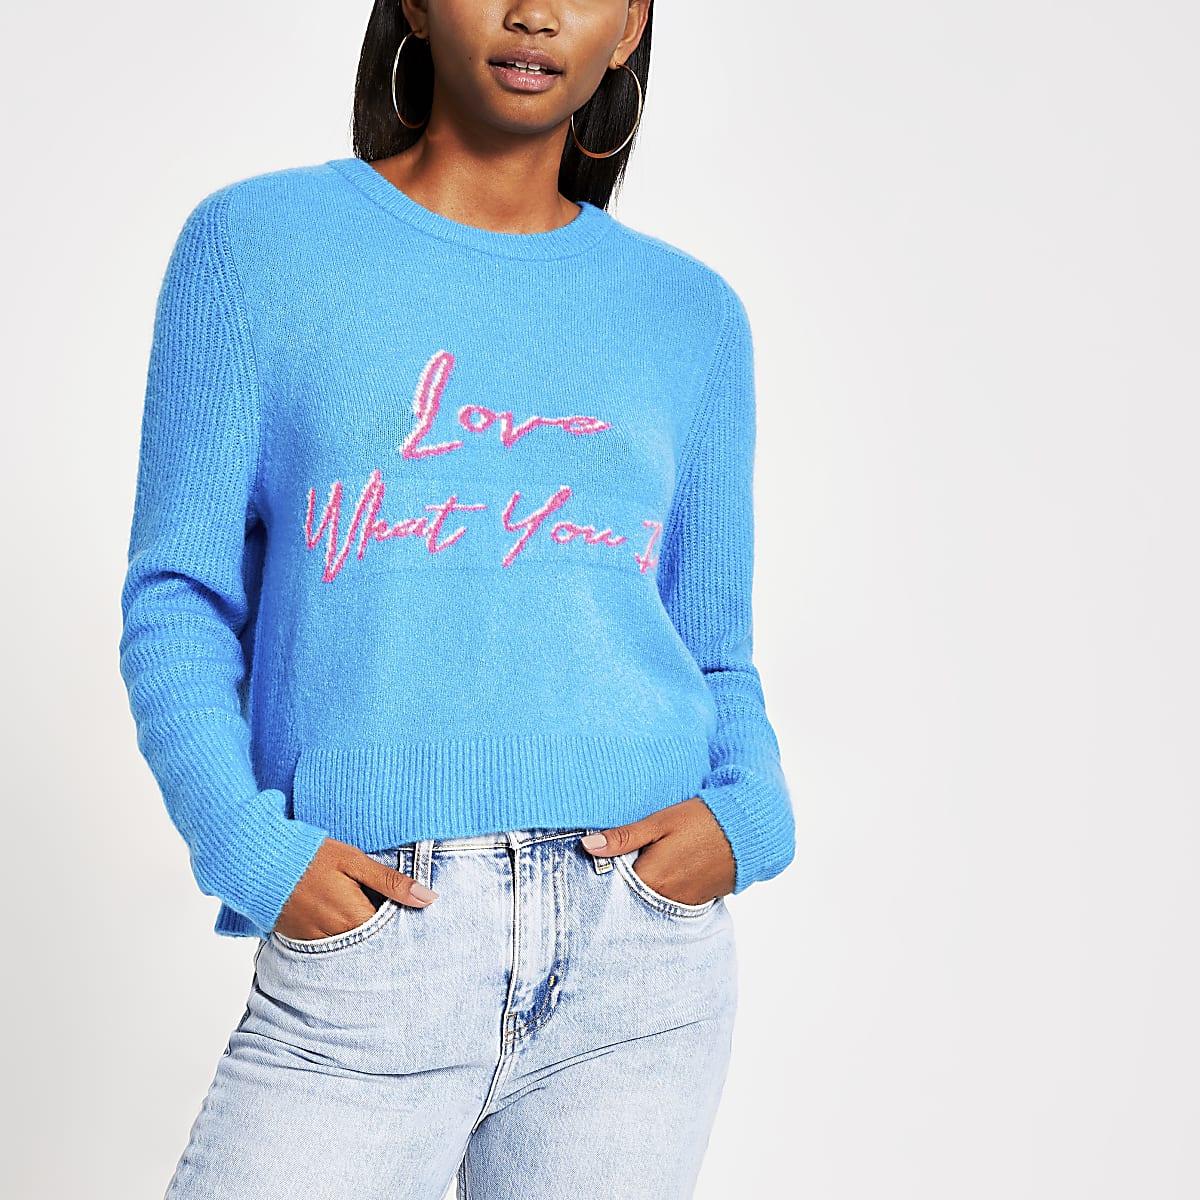 Blauwe cropped pullover met print